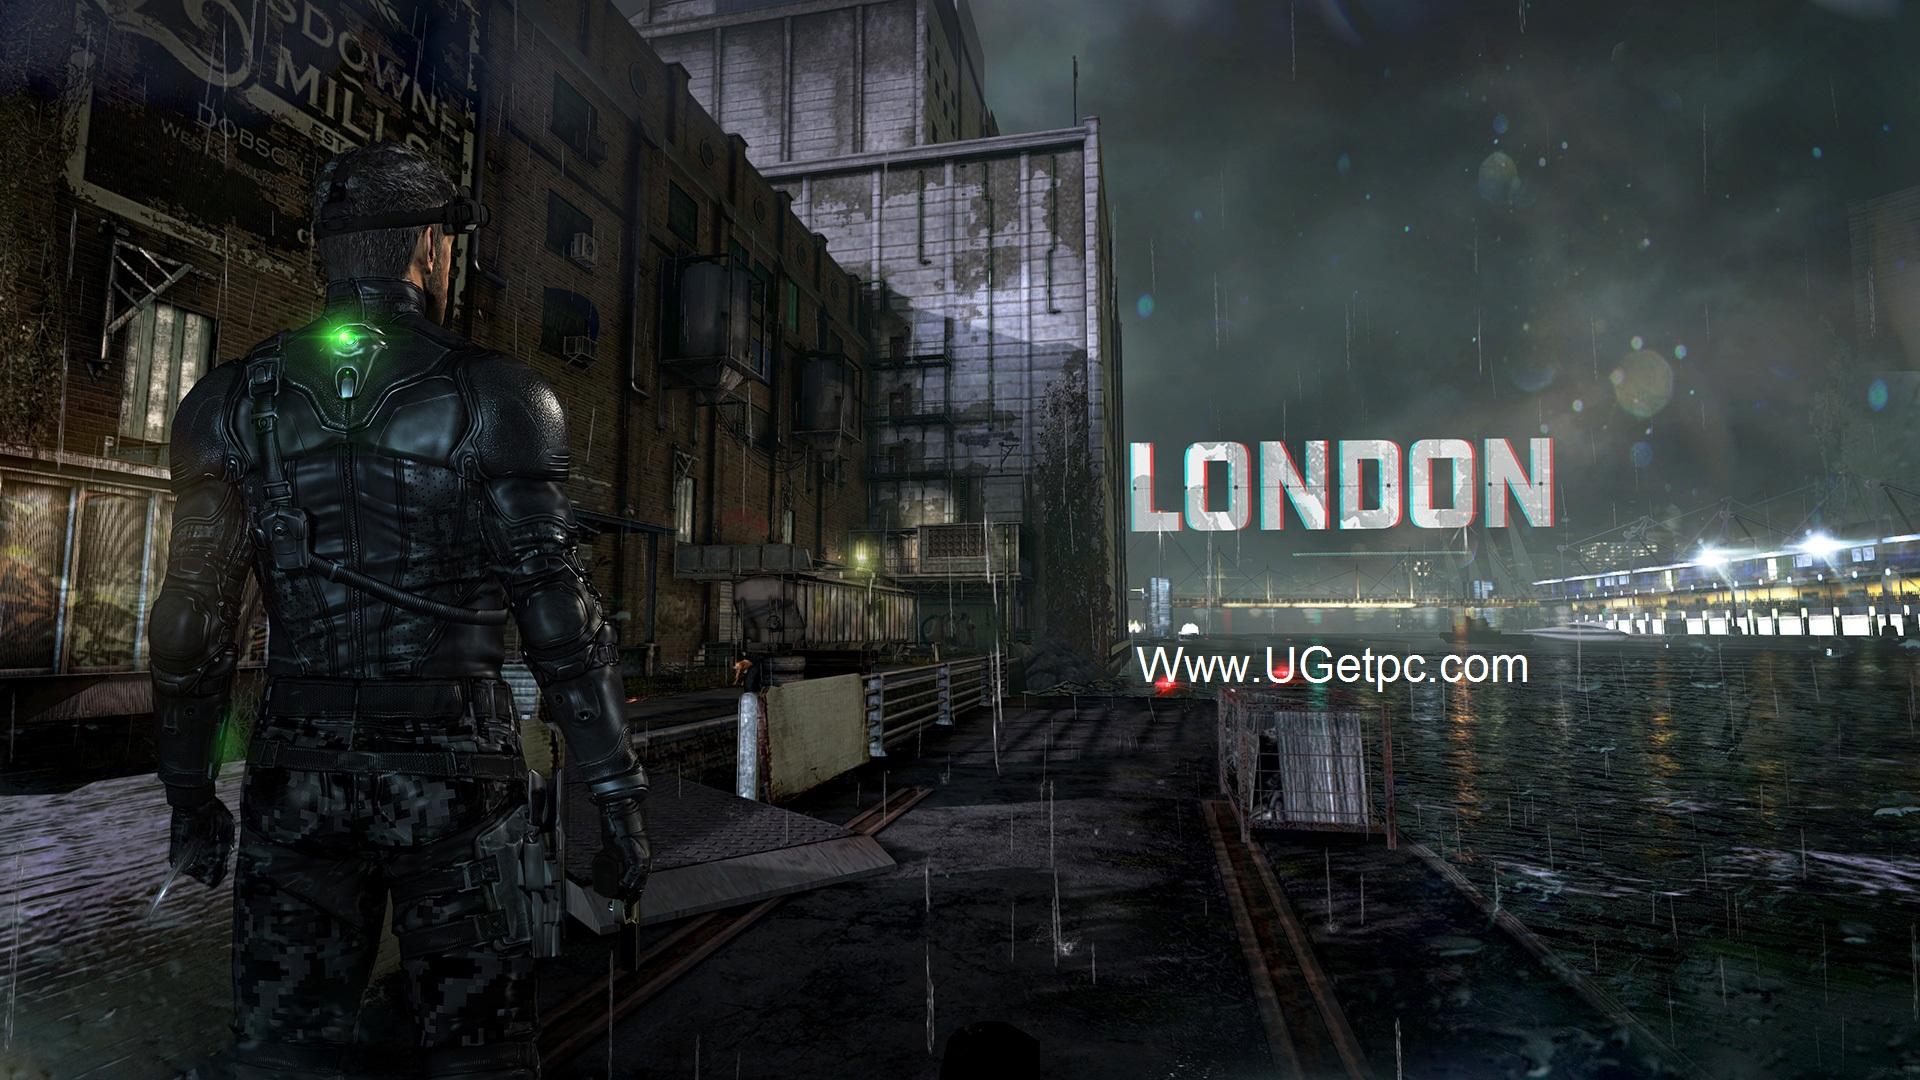 Splinter-Cell-Blacklist-main-UGetpc